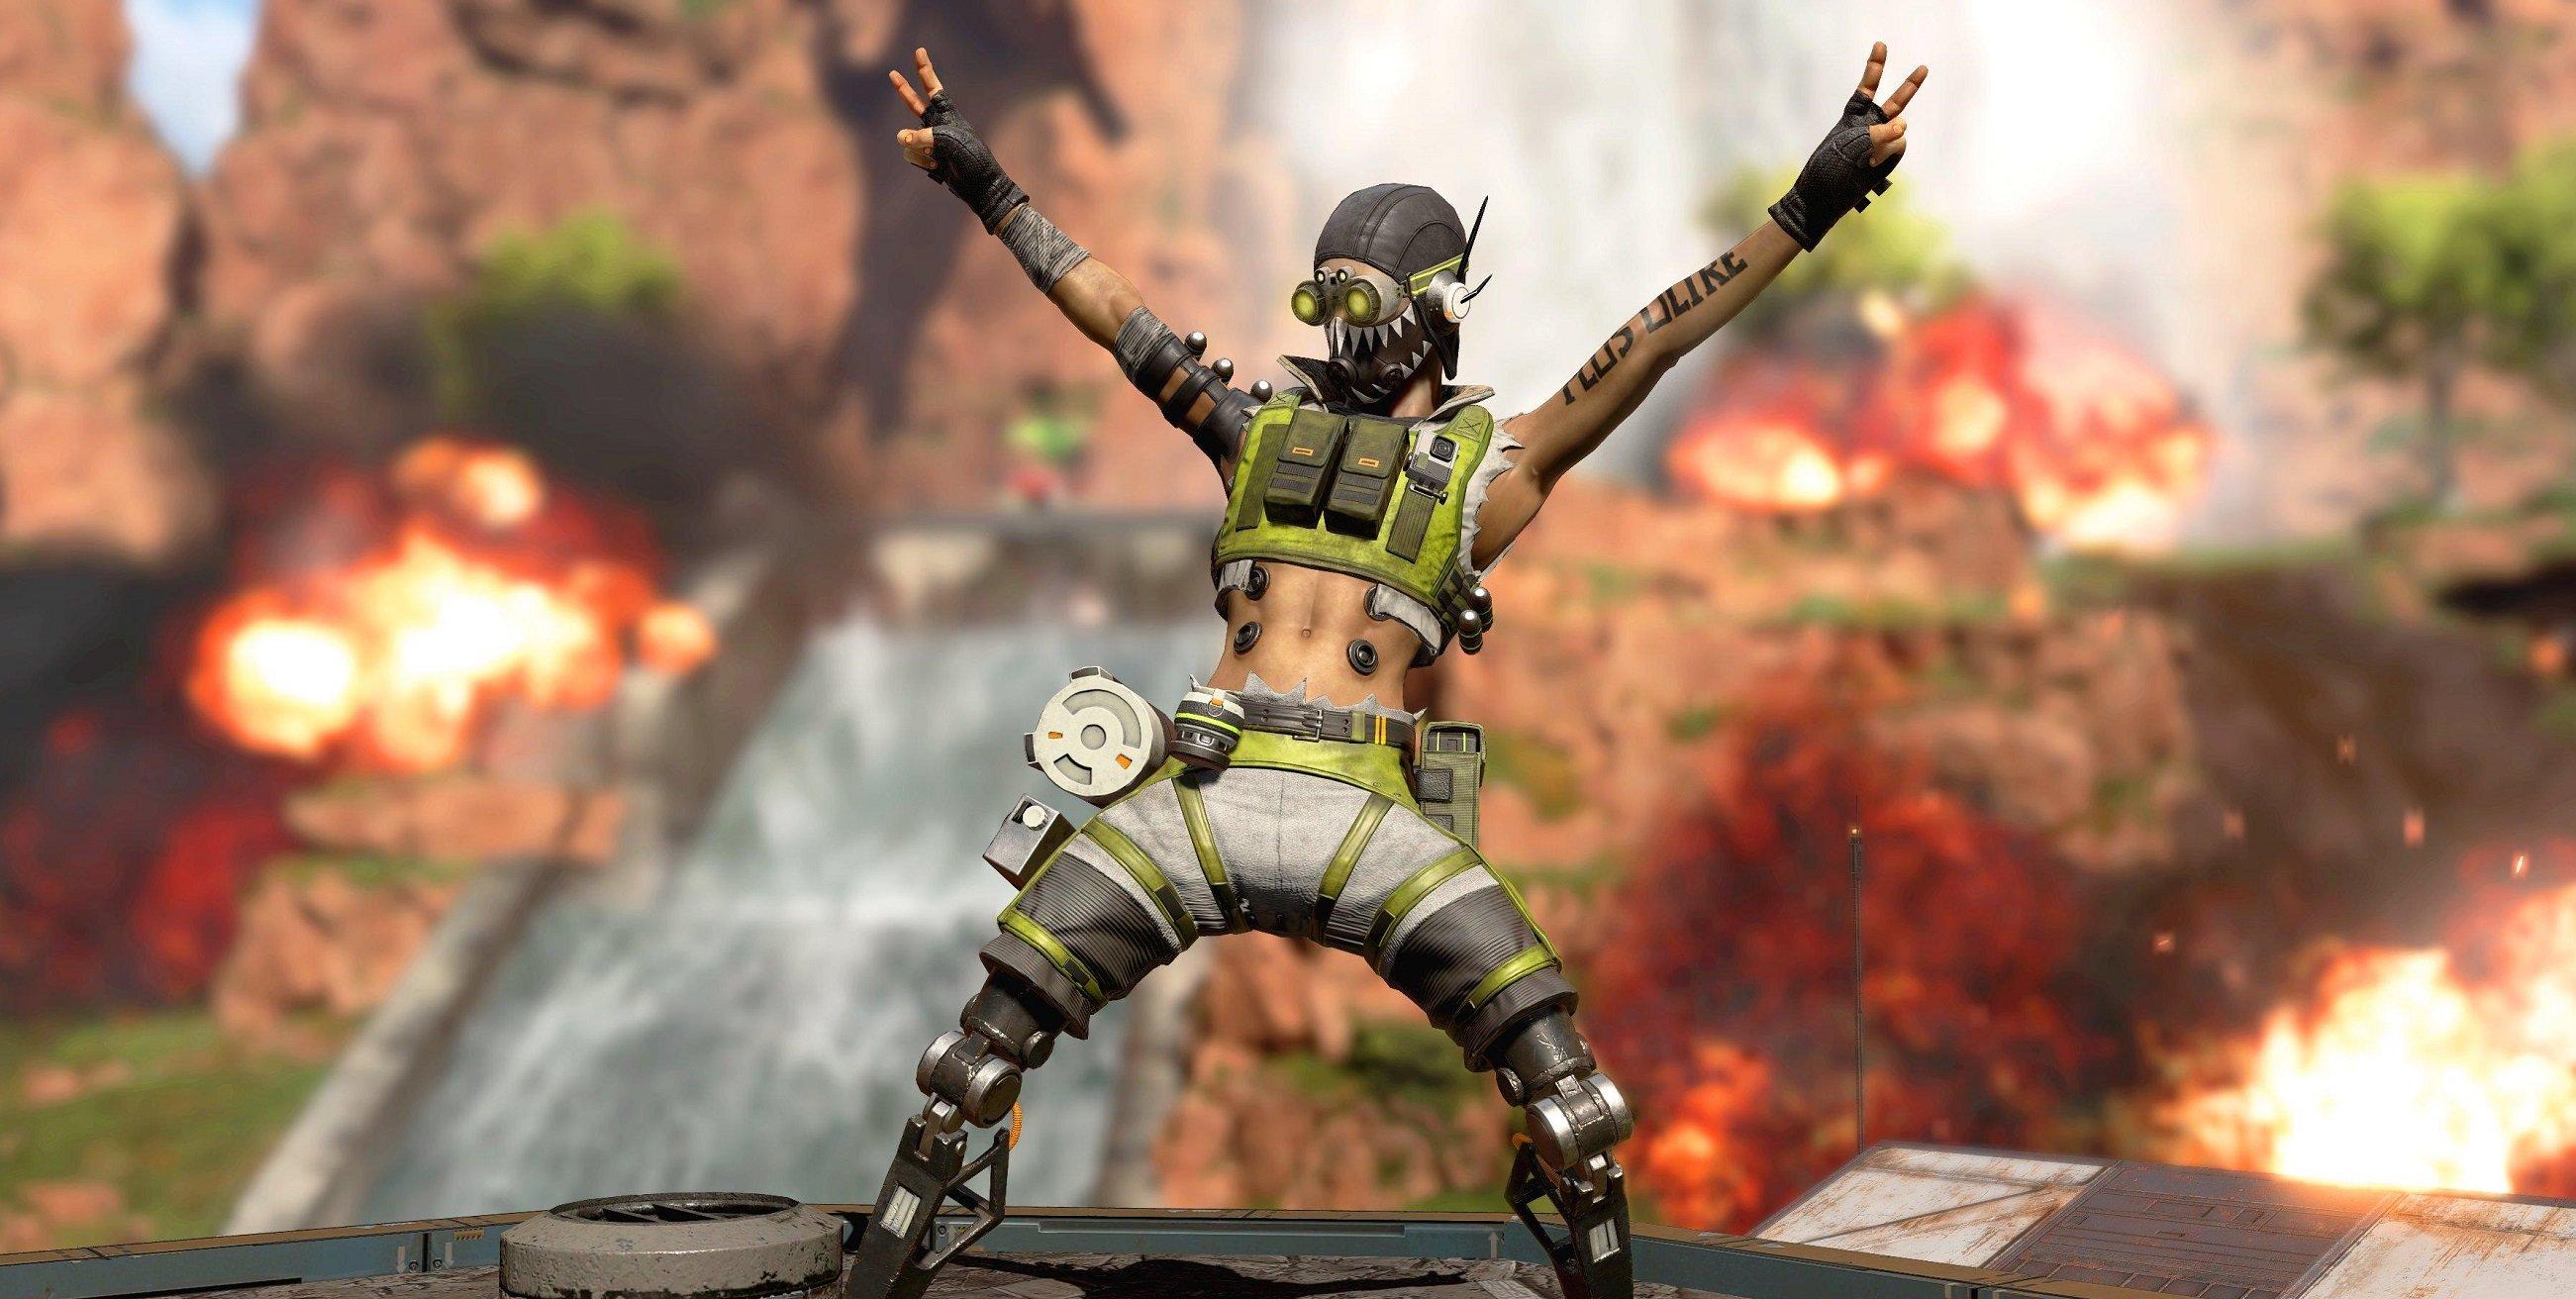 Nouvelle peau Octane pour Apex Legends disponible via Twitch Prime